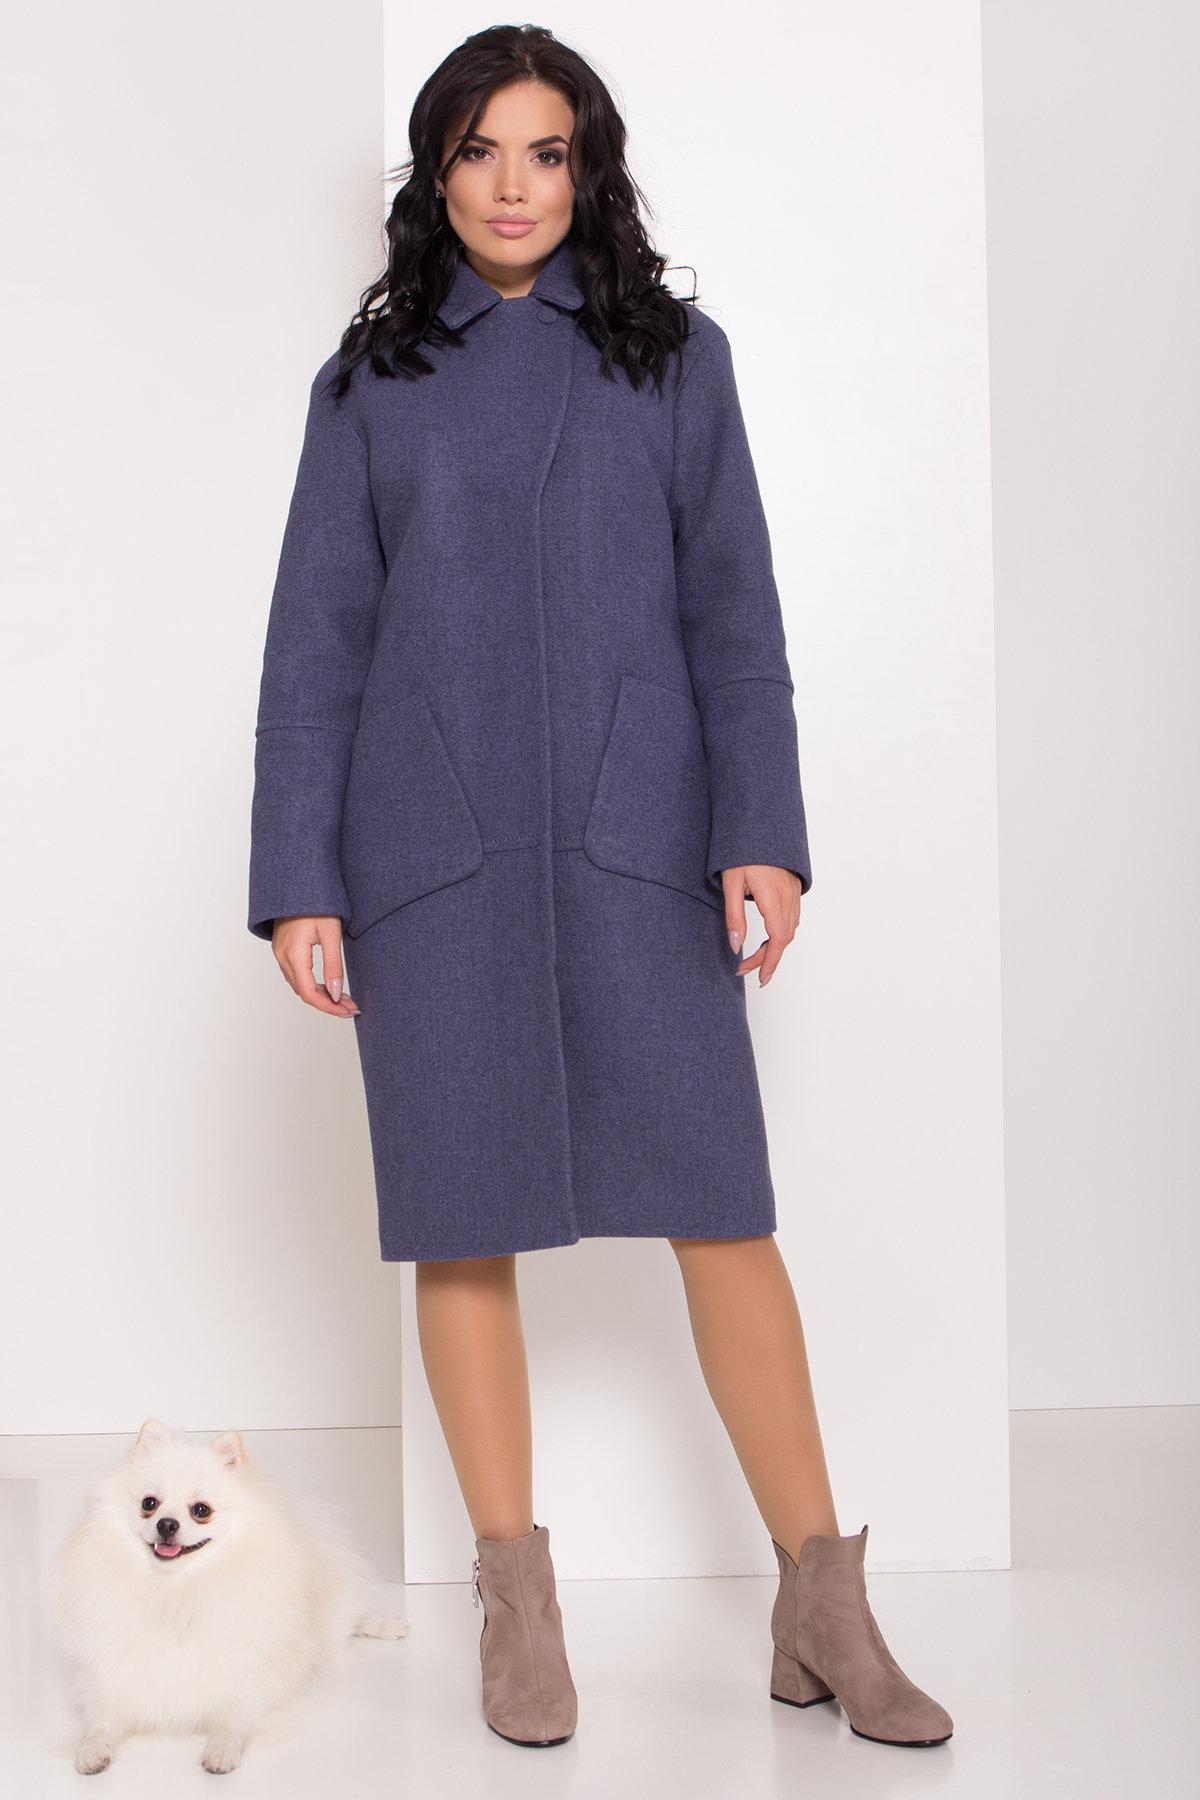 Элегантное зимнее пальто миди длины с накладными карманами Флорида 8138 АРТ. 44114 Цвет: Джинс тёмно-синий - фото 2, интернет магазин tm-modus.ru